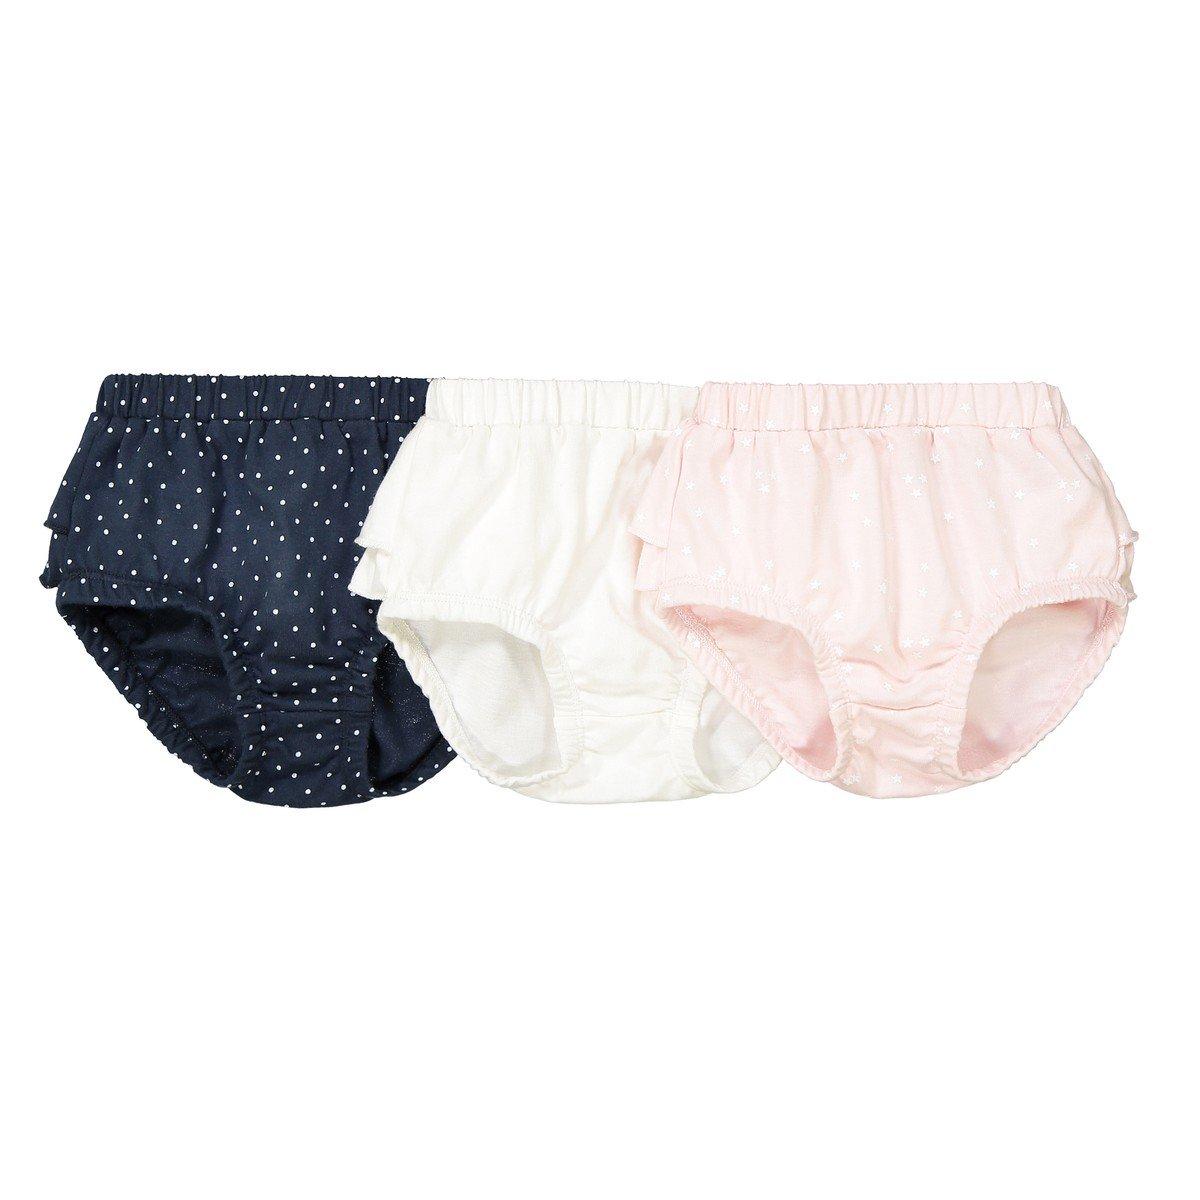 La Redoute Collections Bambina Confezione da 3 Culotte con Volant 6486601-000-7169752-00003-1